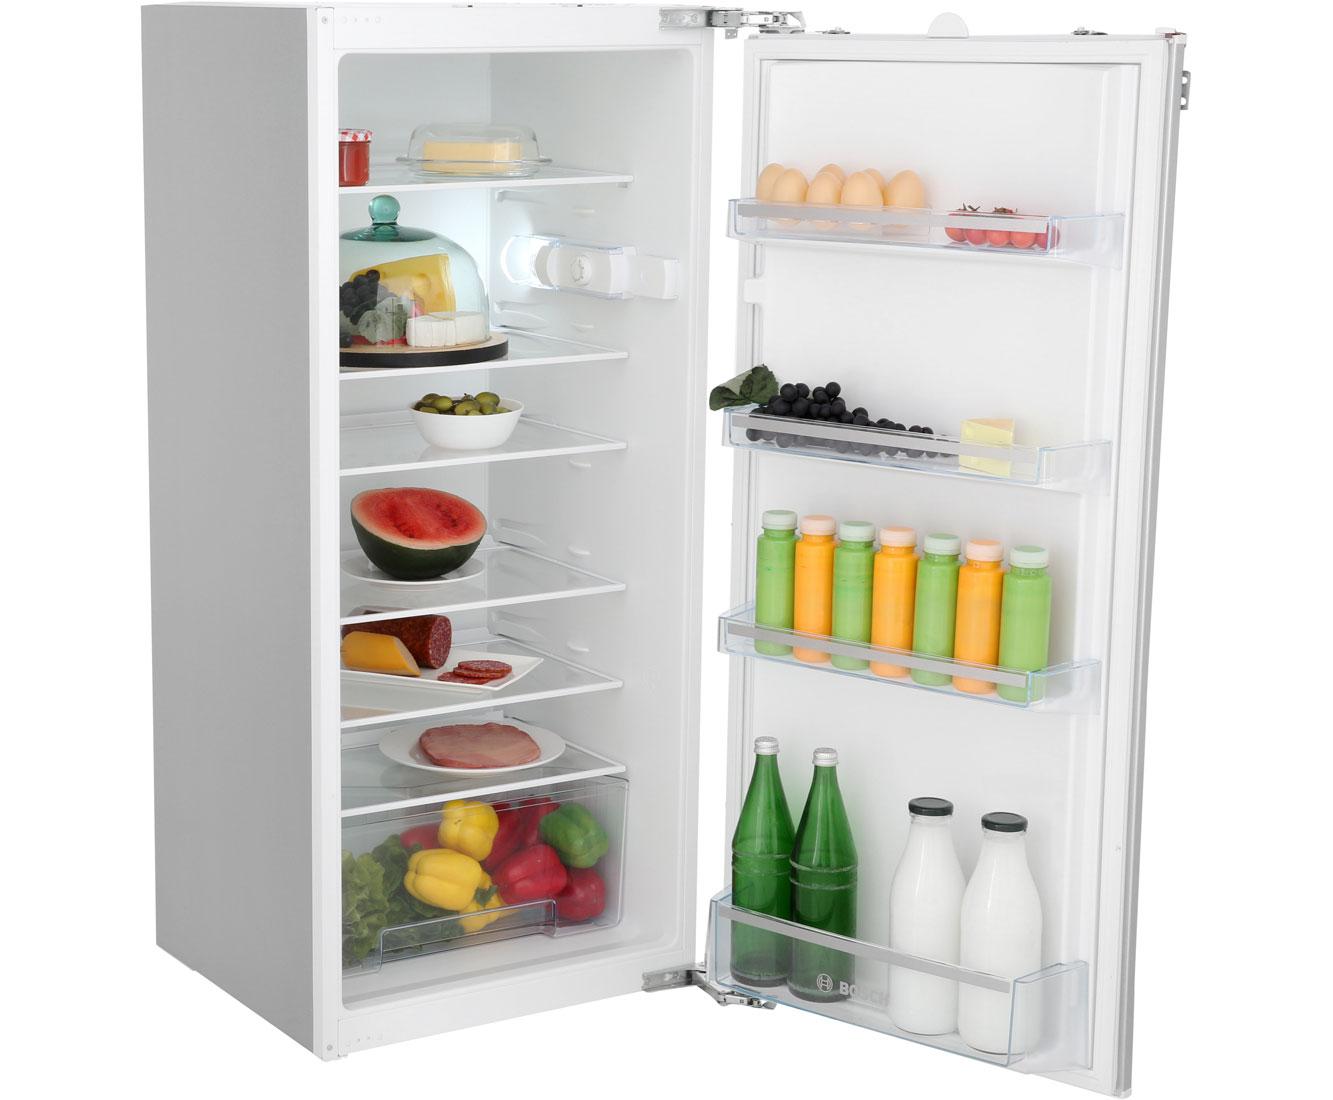 Aeg Kühlschrank Mit Getränkelade : Kühlschrank einteilung kühlschrank einteilung